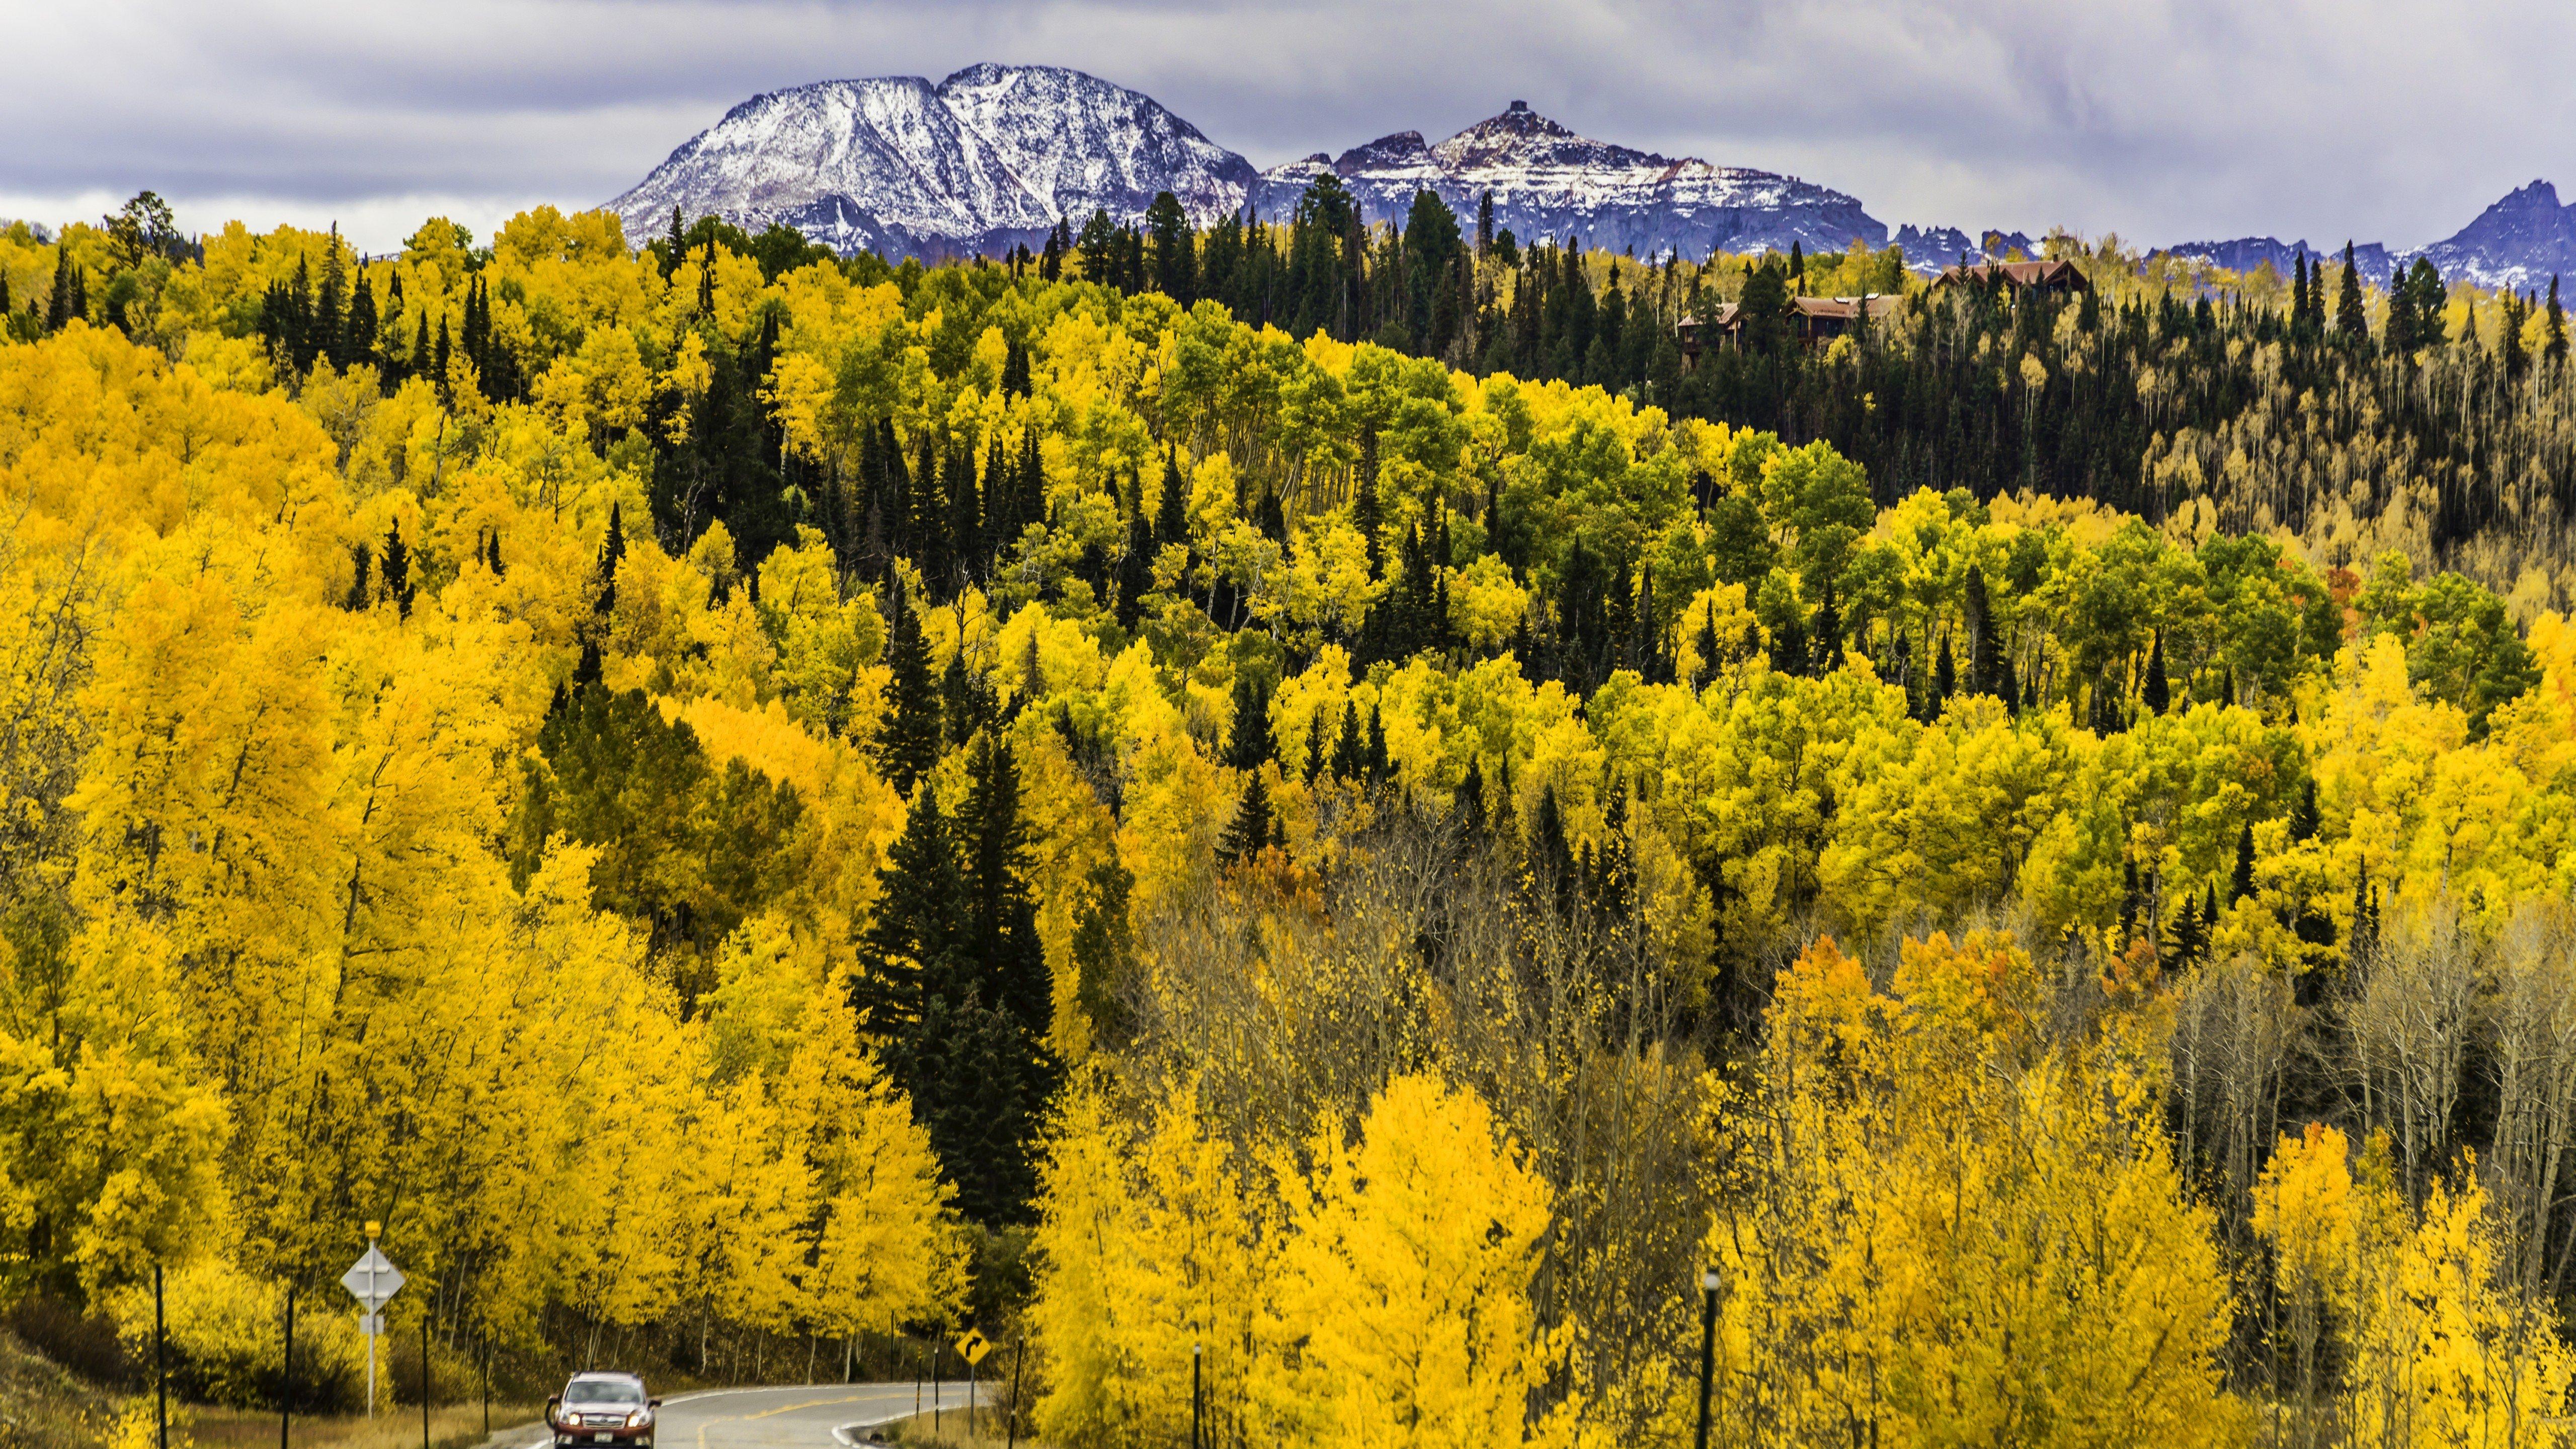 Fondos de pantalla Pinos en bosque durante otoño en Colorado